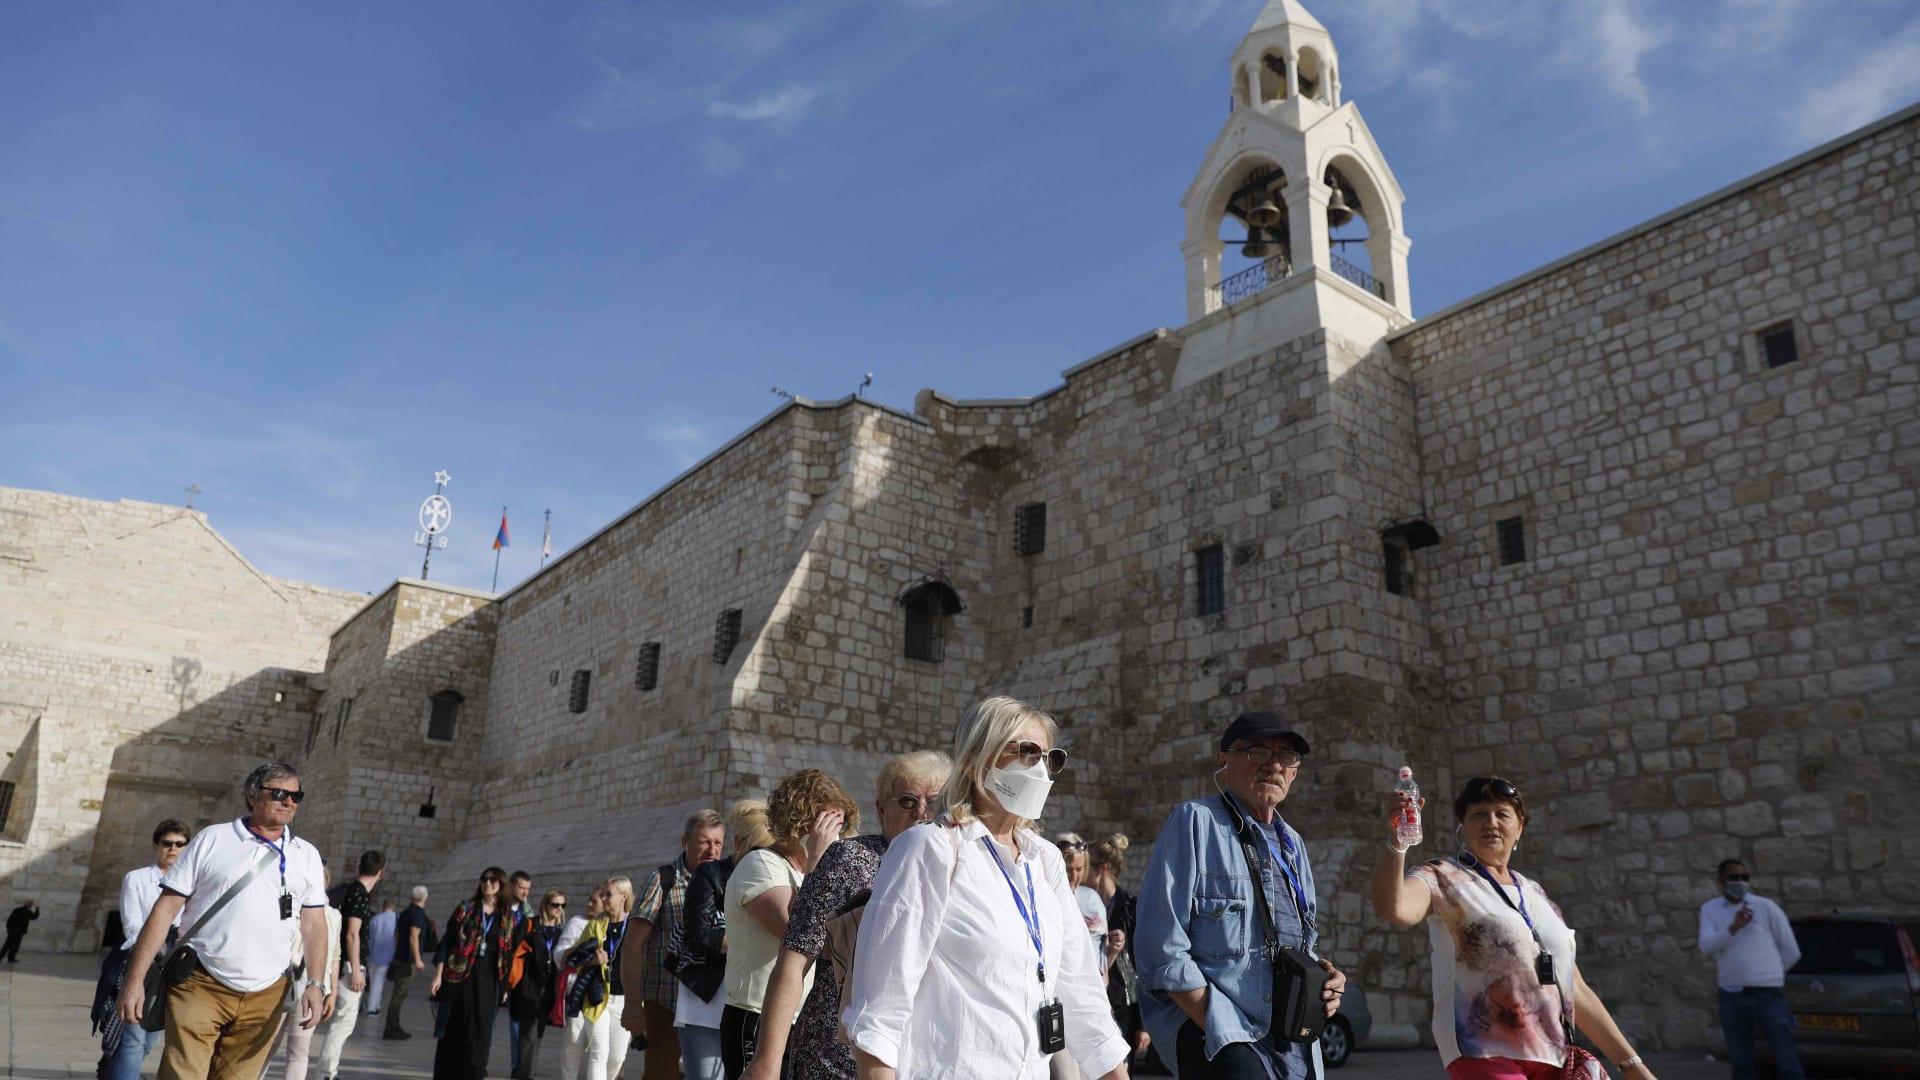 بعد أكثر من 80 يومًا من الإغلاق.. كنيسة المهد تفتح أبوابها أمام الزوار